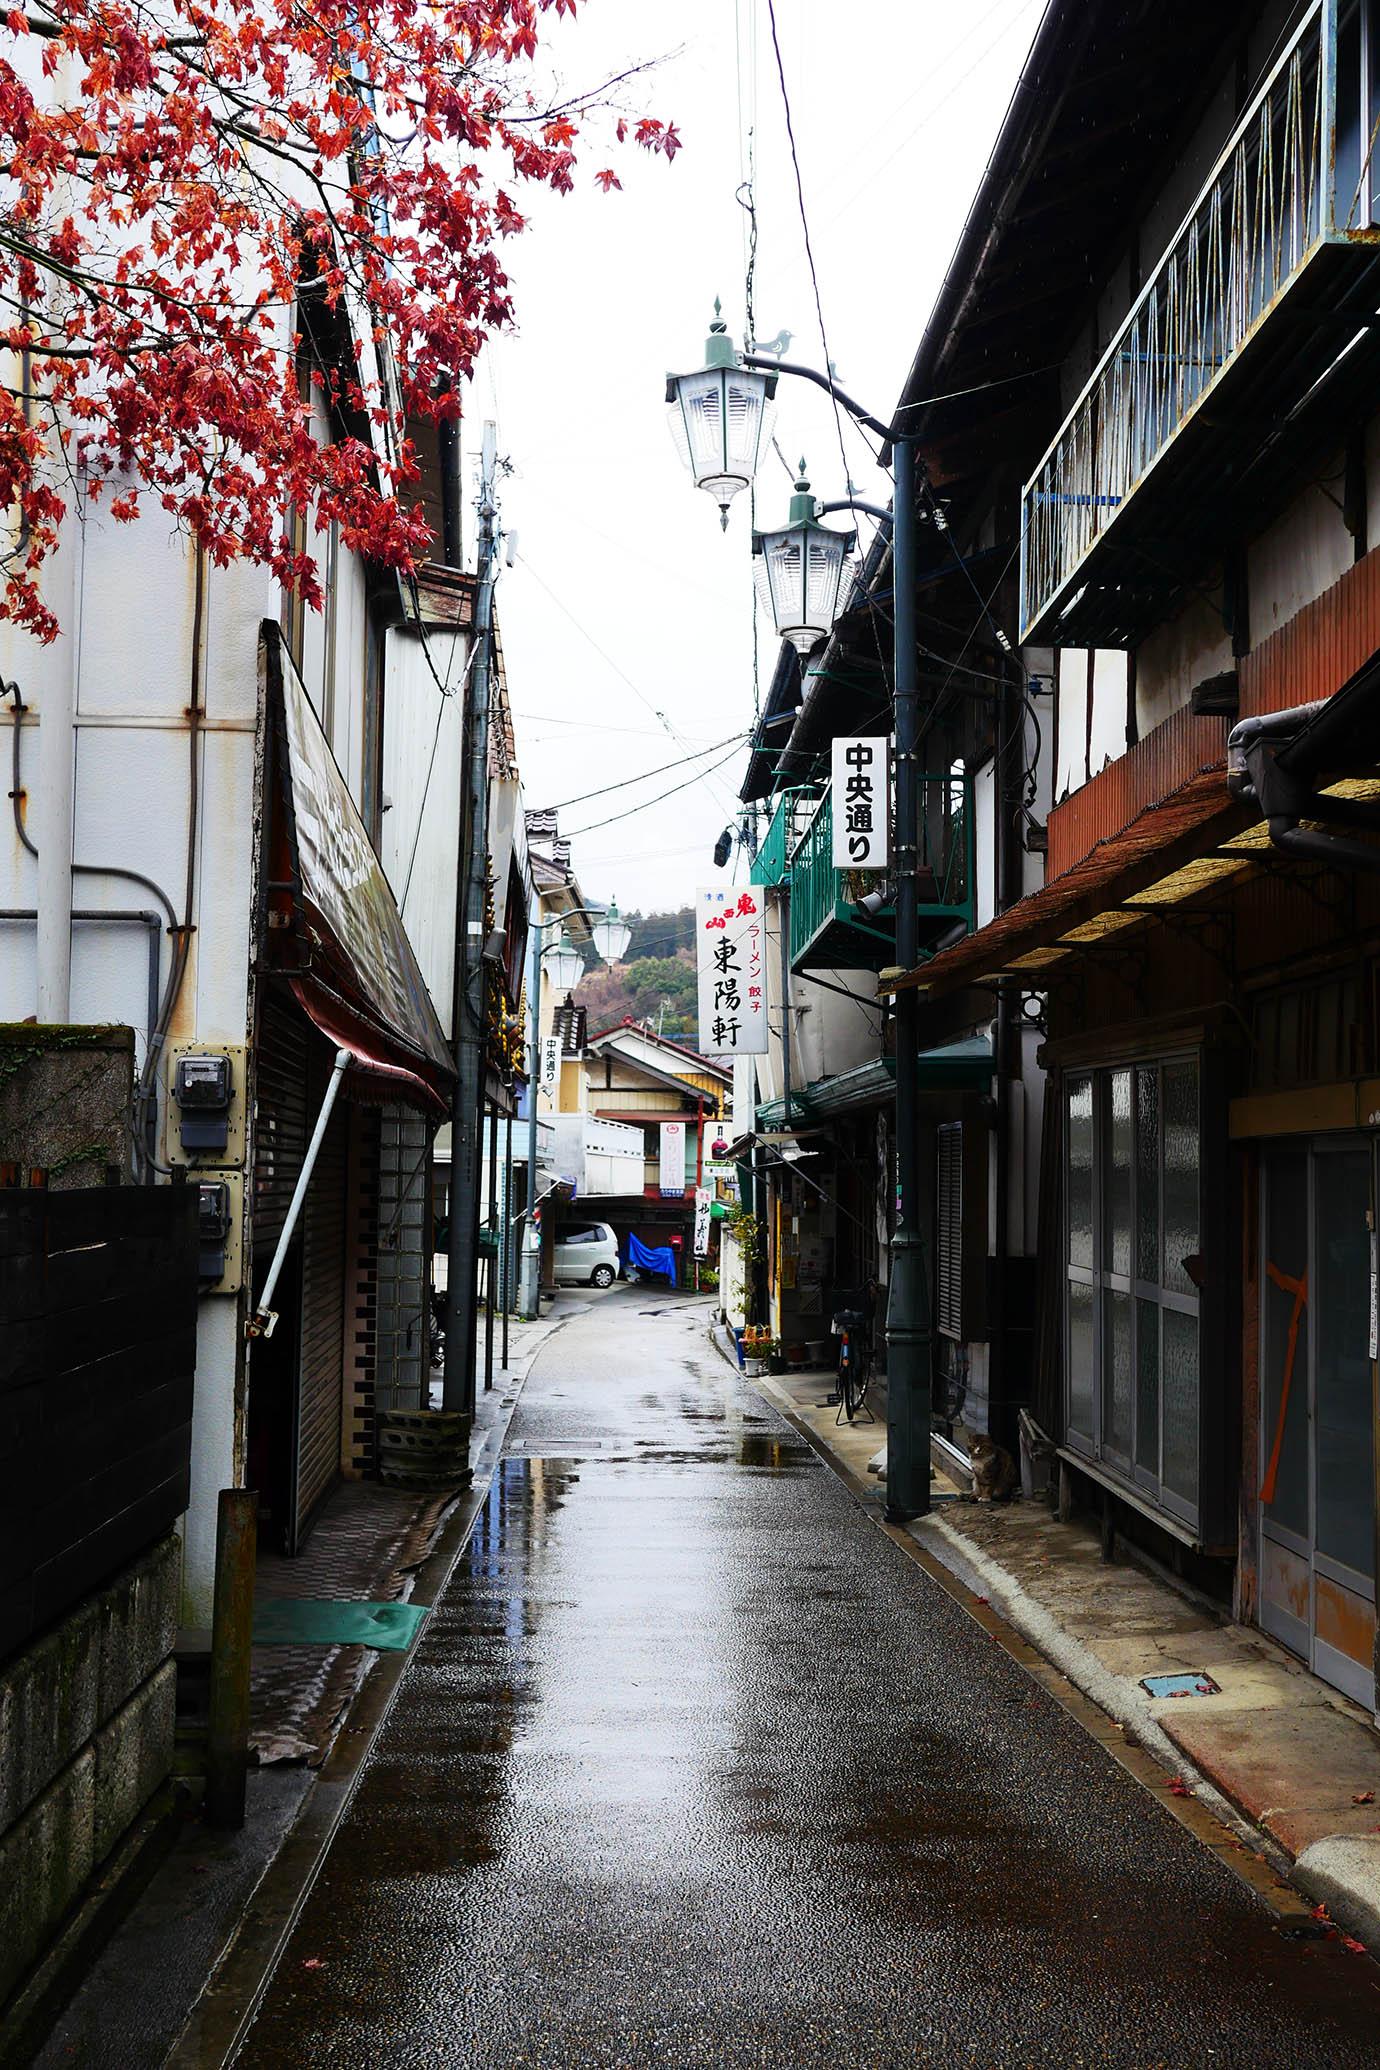 kodoku-no-gurume-season7-ichiban8